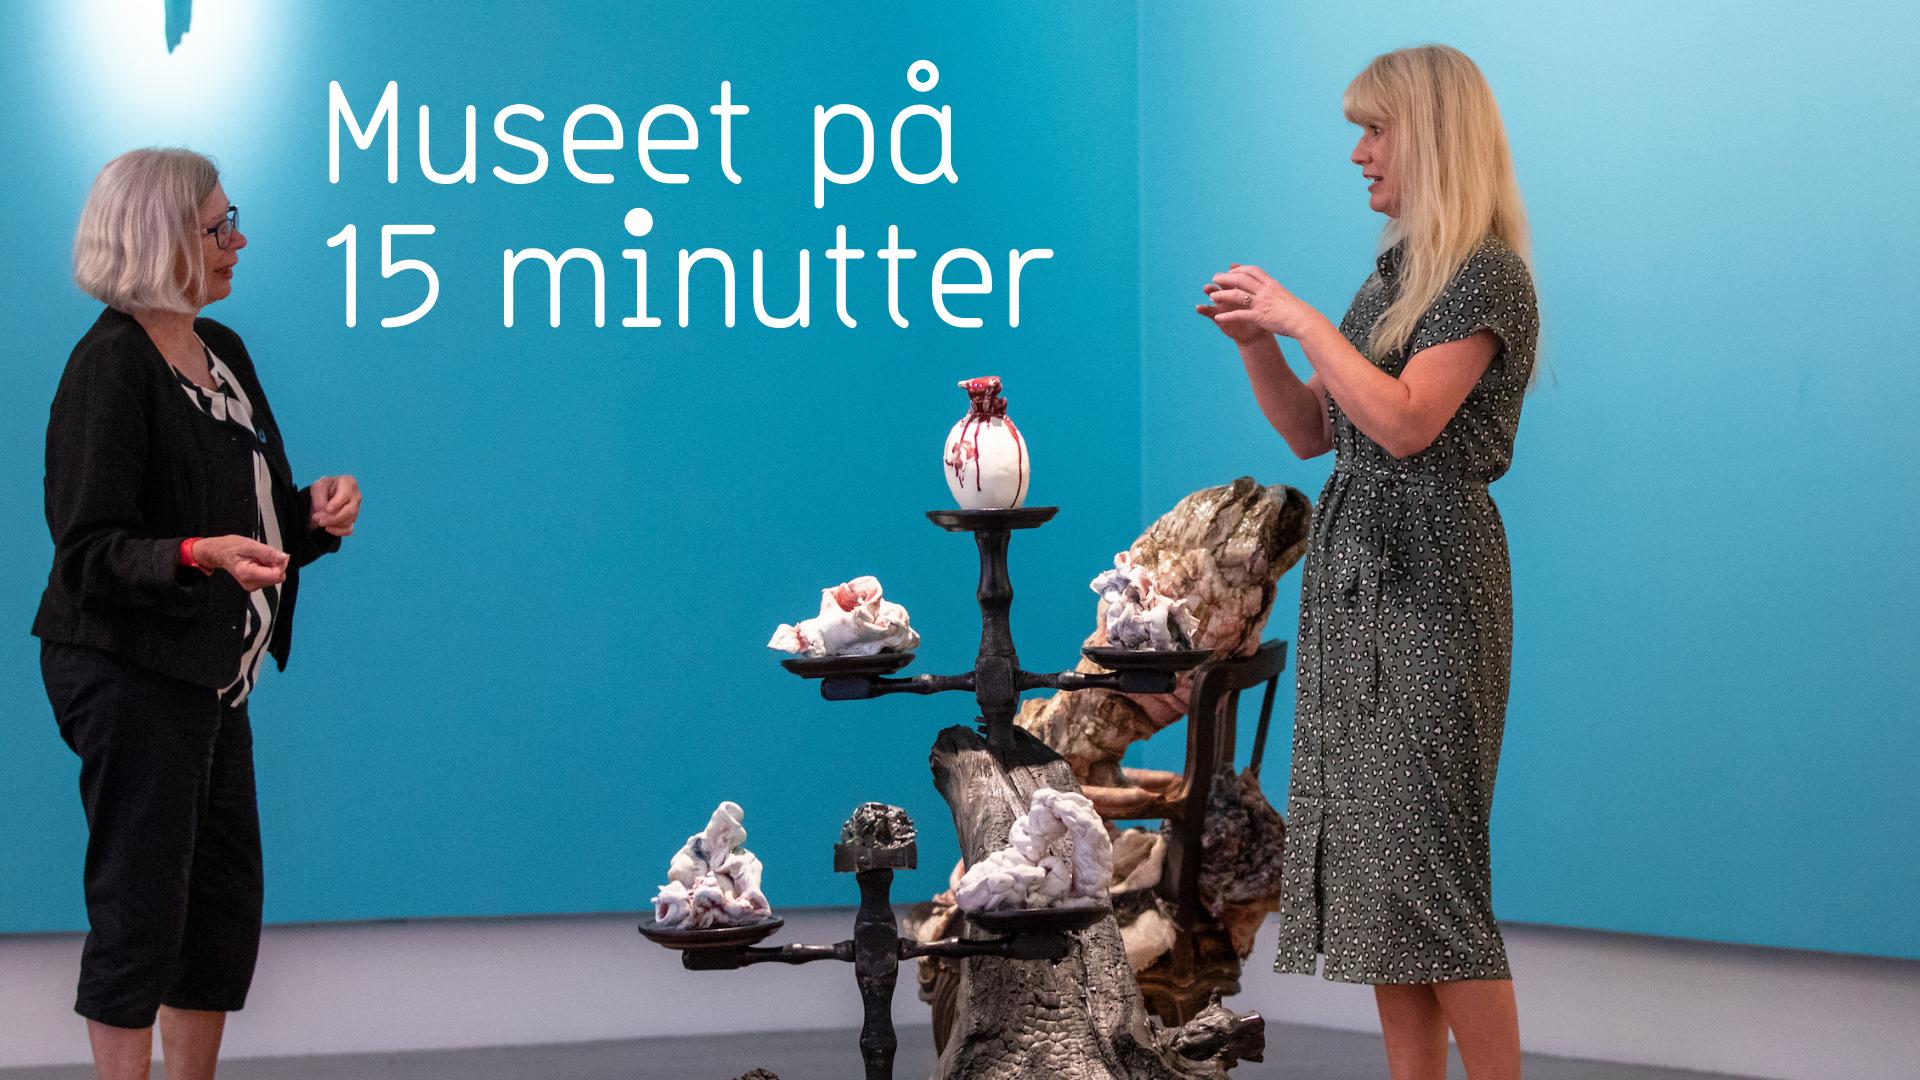 Museet på 15 minutter Sørlandets Kunstmuseum På Gjensyn! Fra Katta til Kunstsilo